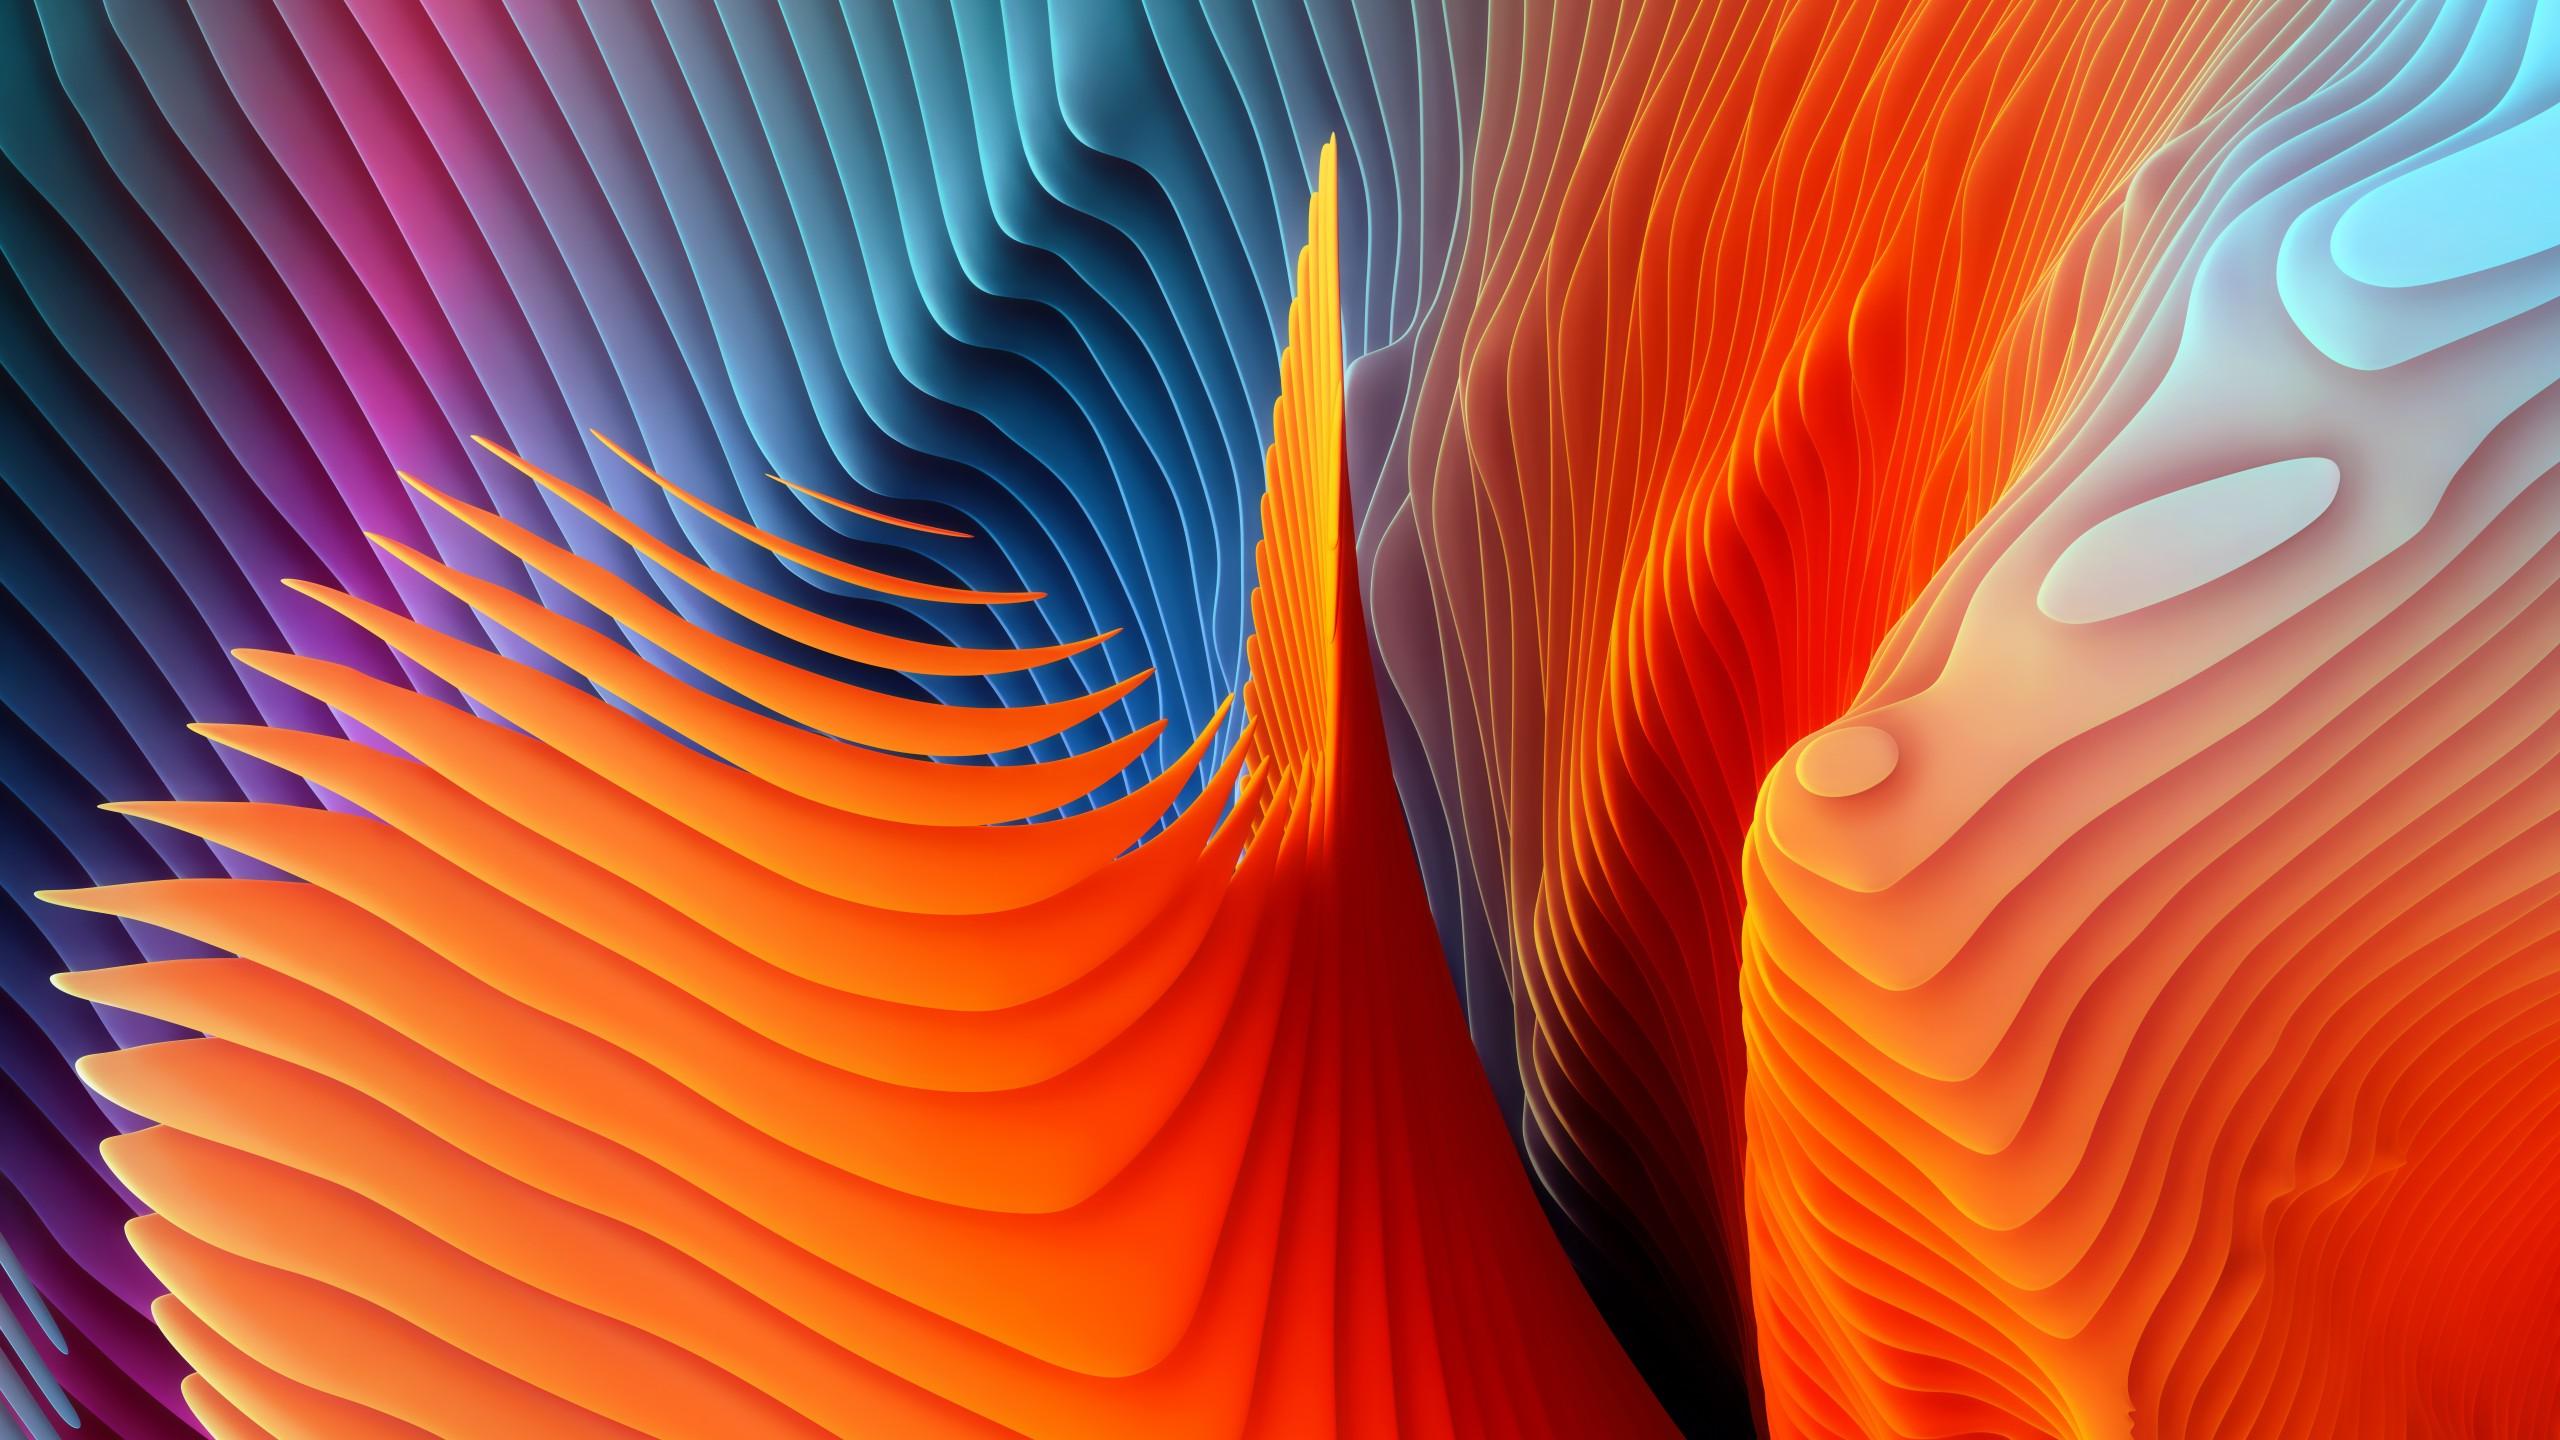 Wallpaper MacBook Pro, iPhone wallpaper, 4k, 5k, live ...